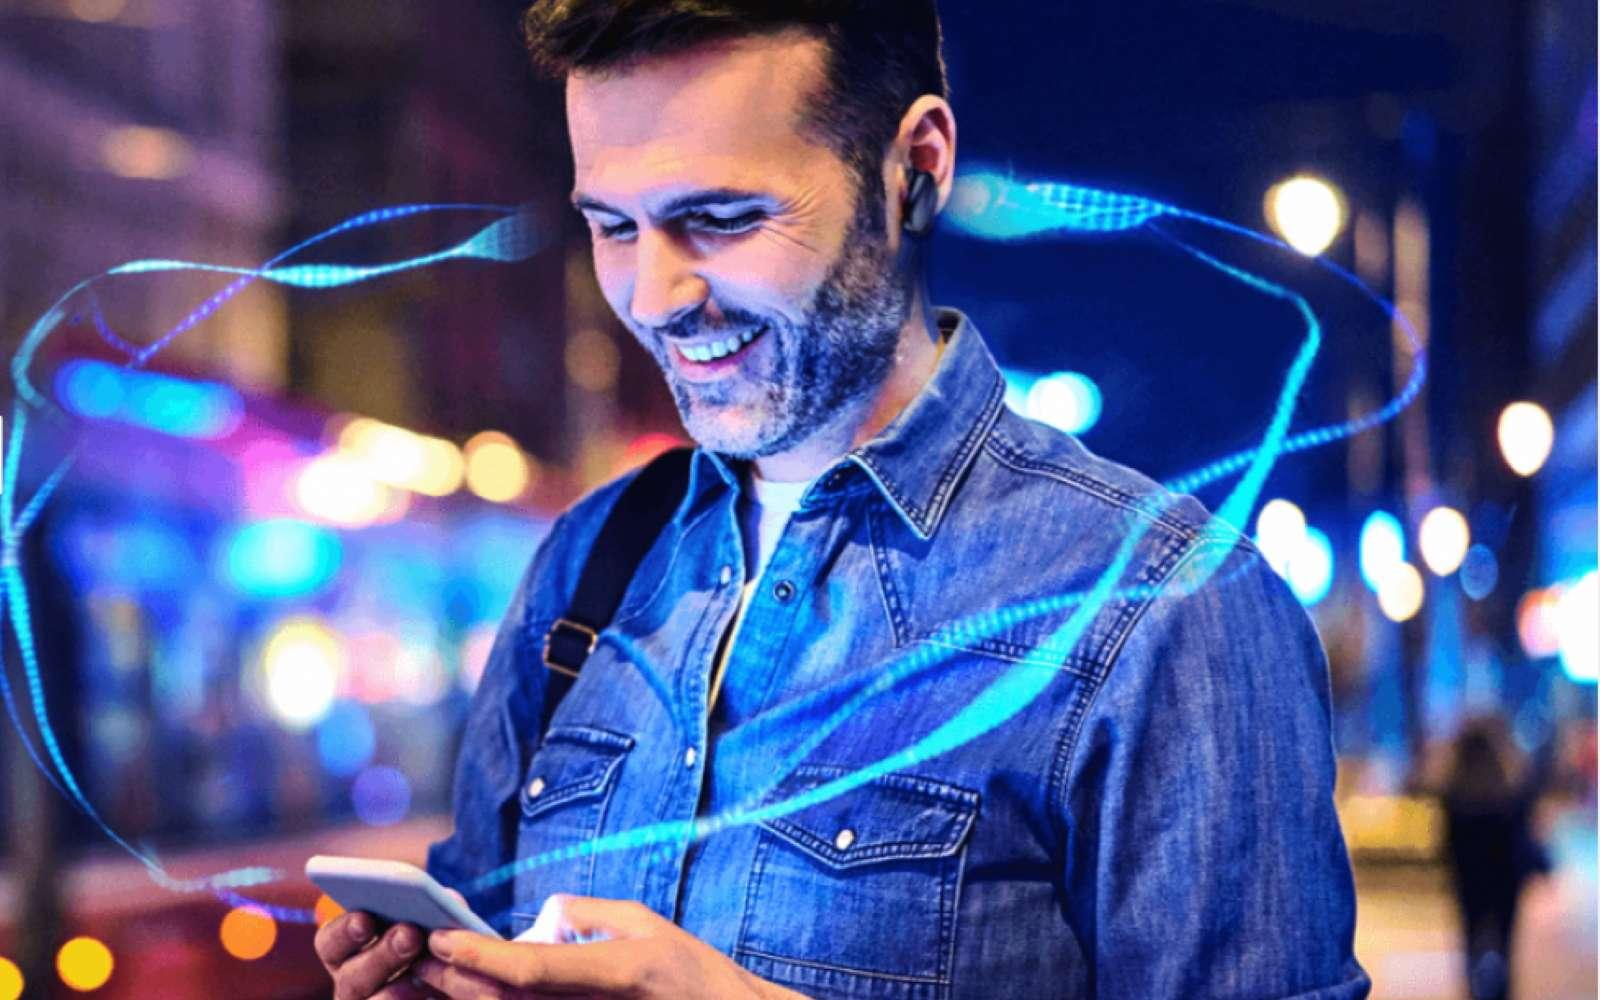 Le fondeur Qualcomm vise le combo smartphone/système audio sans fil haut de gamme pour son label Snapdragon Sound. © Qualcomm